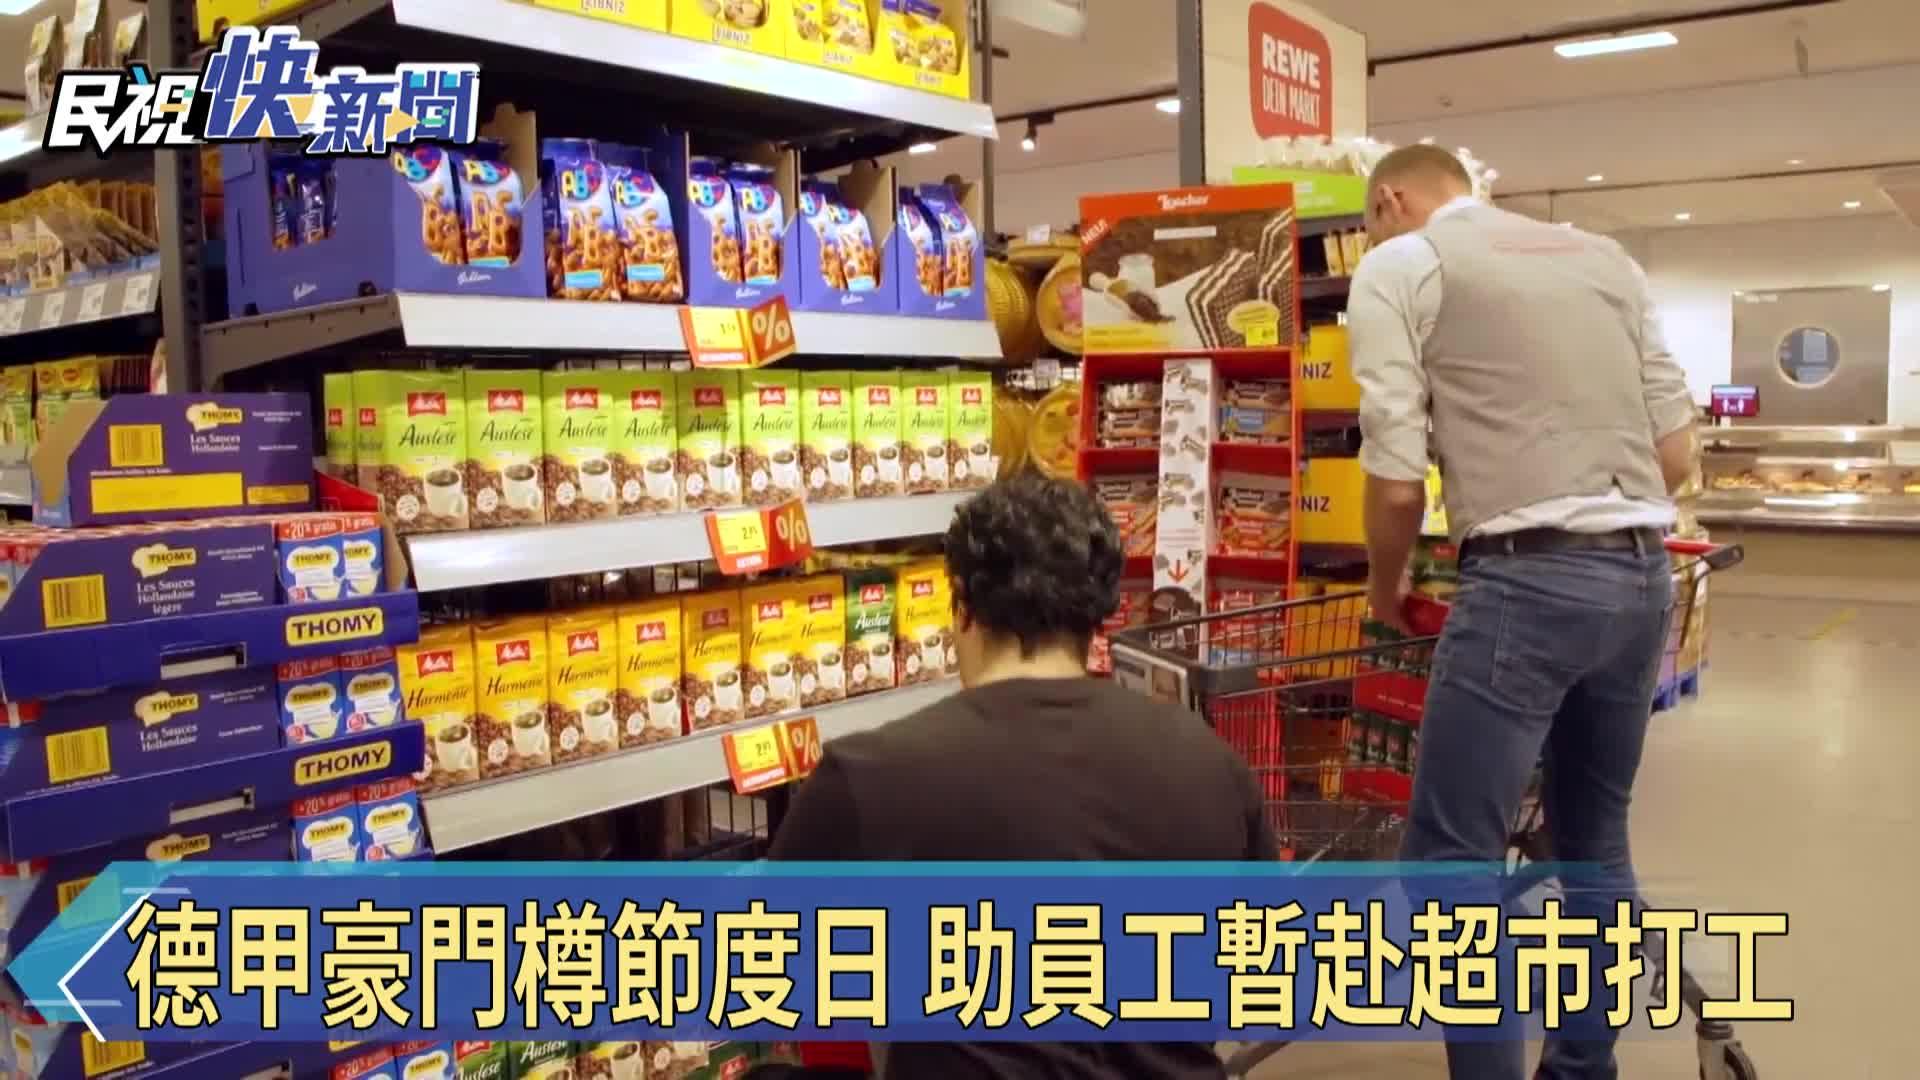 德甲豪門樽節度日 助員工暫赴超市打工